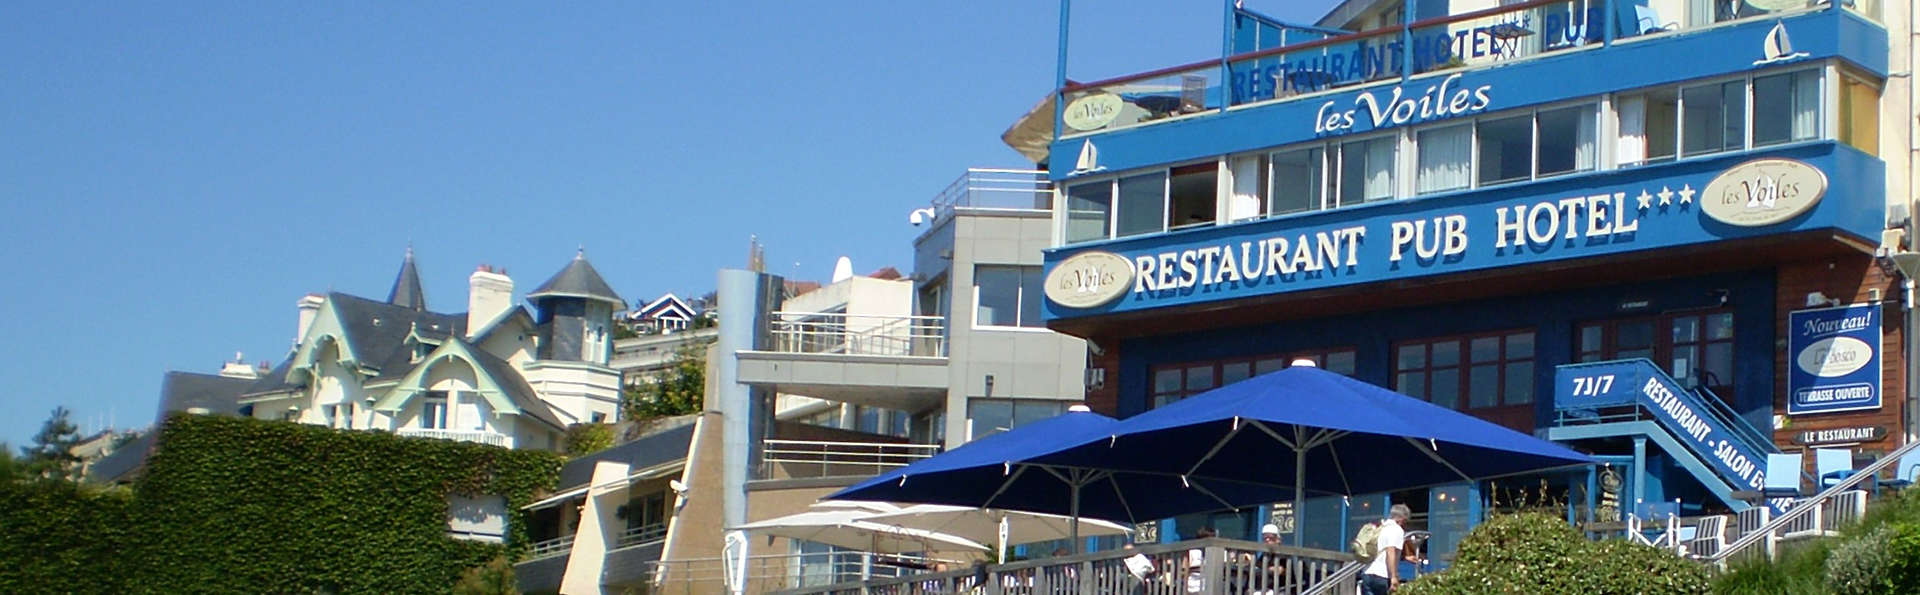 Hôtel Les Voiles sur le Front de Mer 3* - Le Havre - Sainte Adresse ...